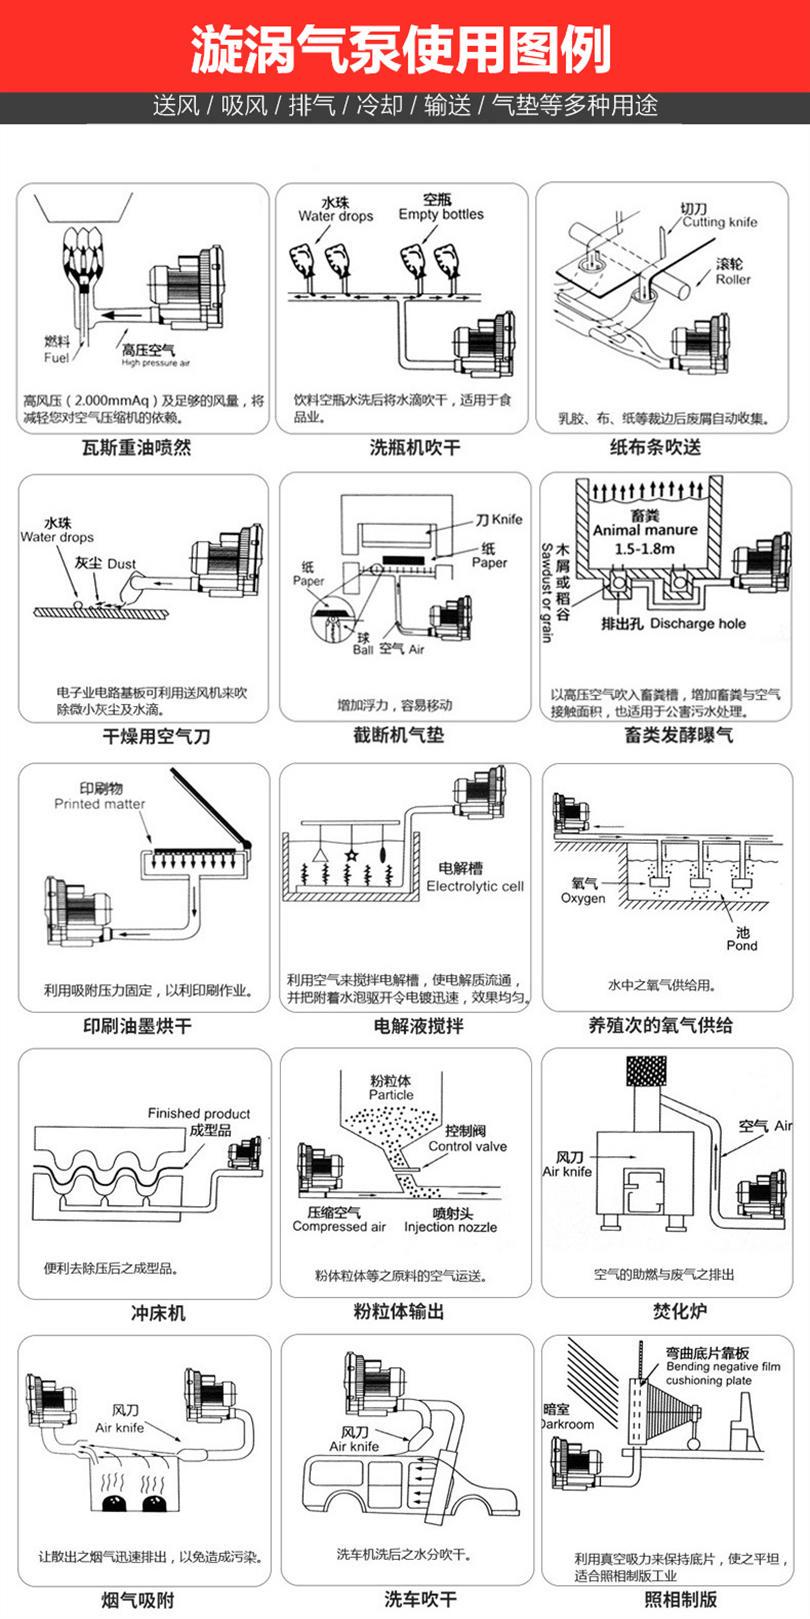 高压风机 中国台湾 22kw高压漩涡风机 江苏高压风机厂家示例图6